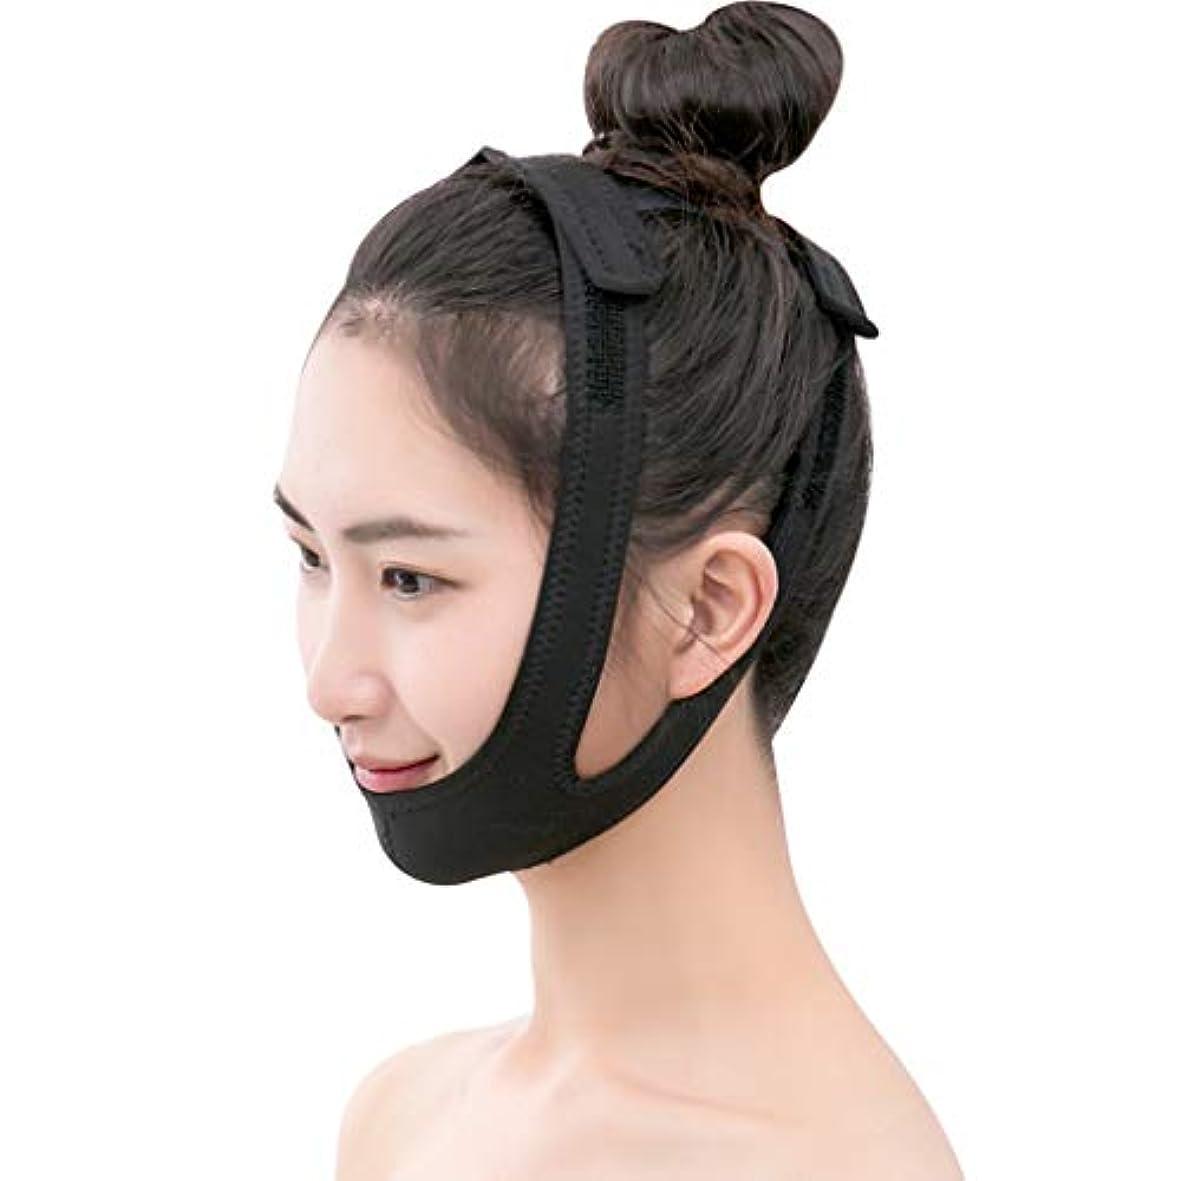 ウッズ取り扱いハリケーン顔リフト手術回復ライン彫刻顔リフト顔のリフト v 顔睡眠マスク